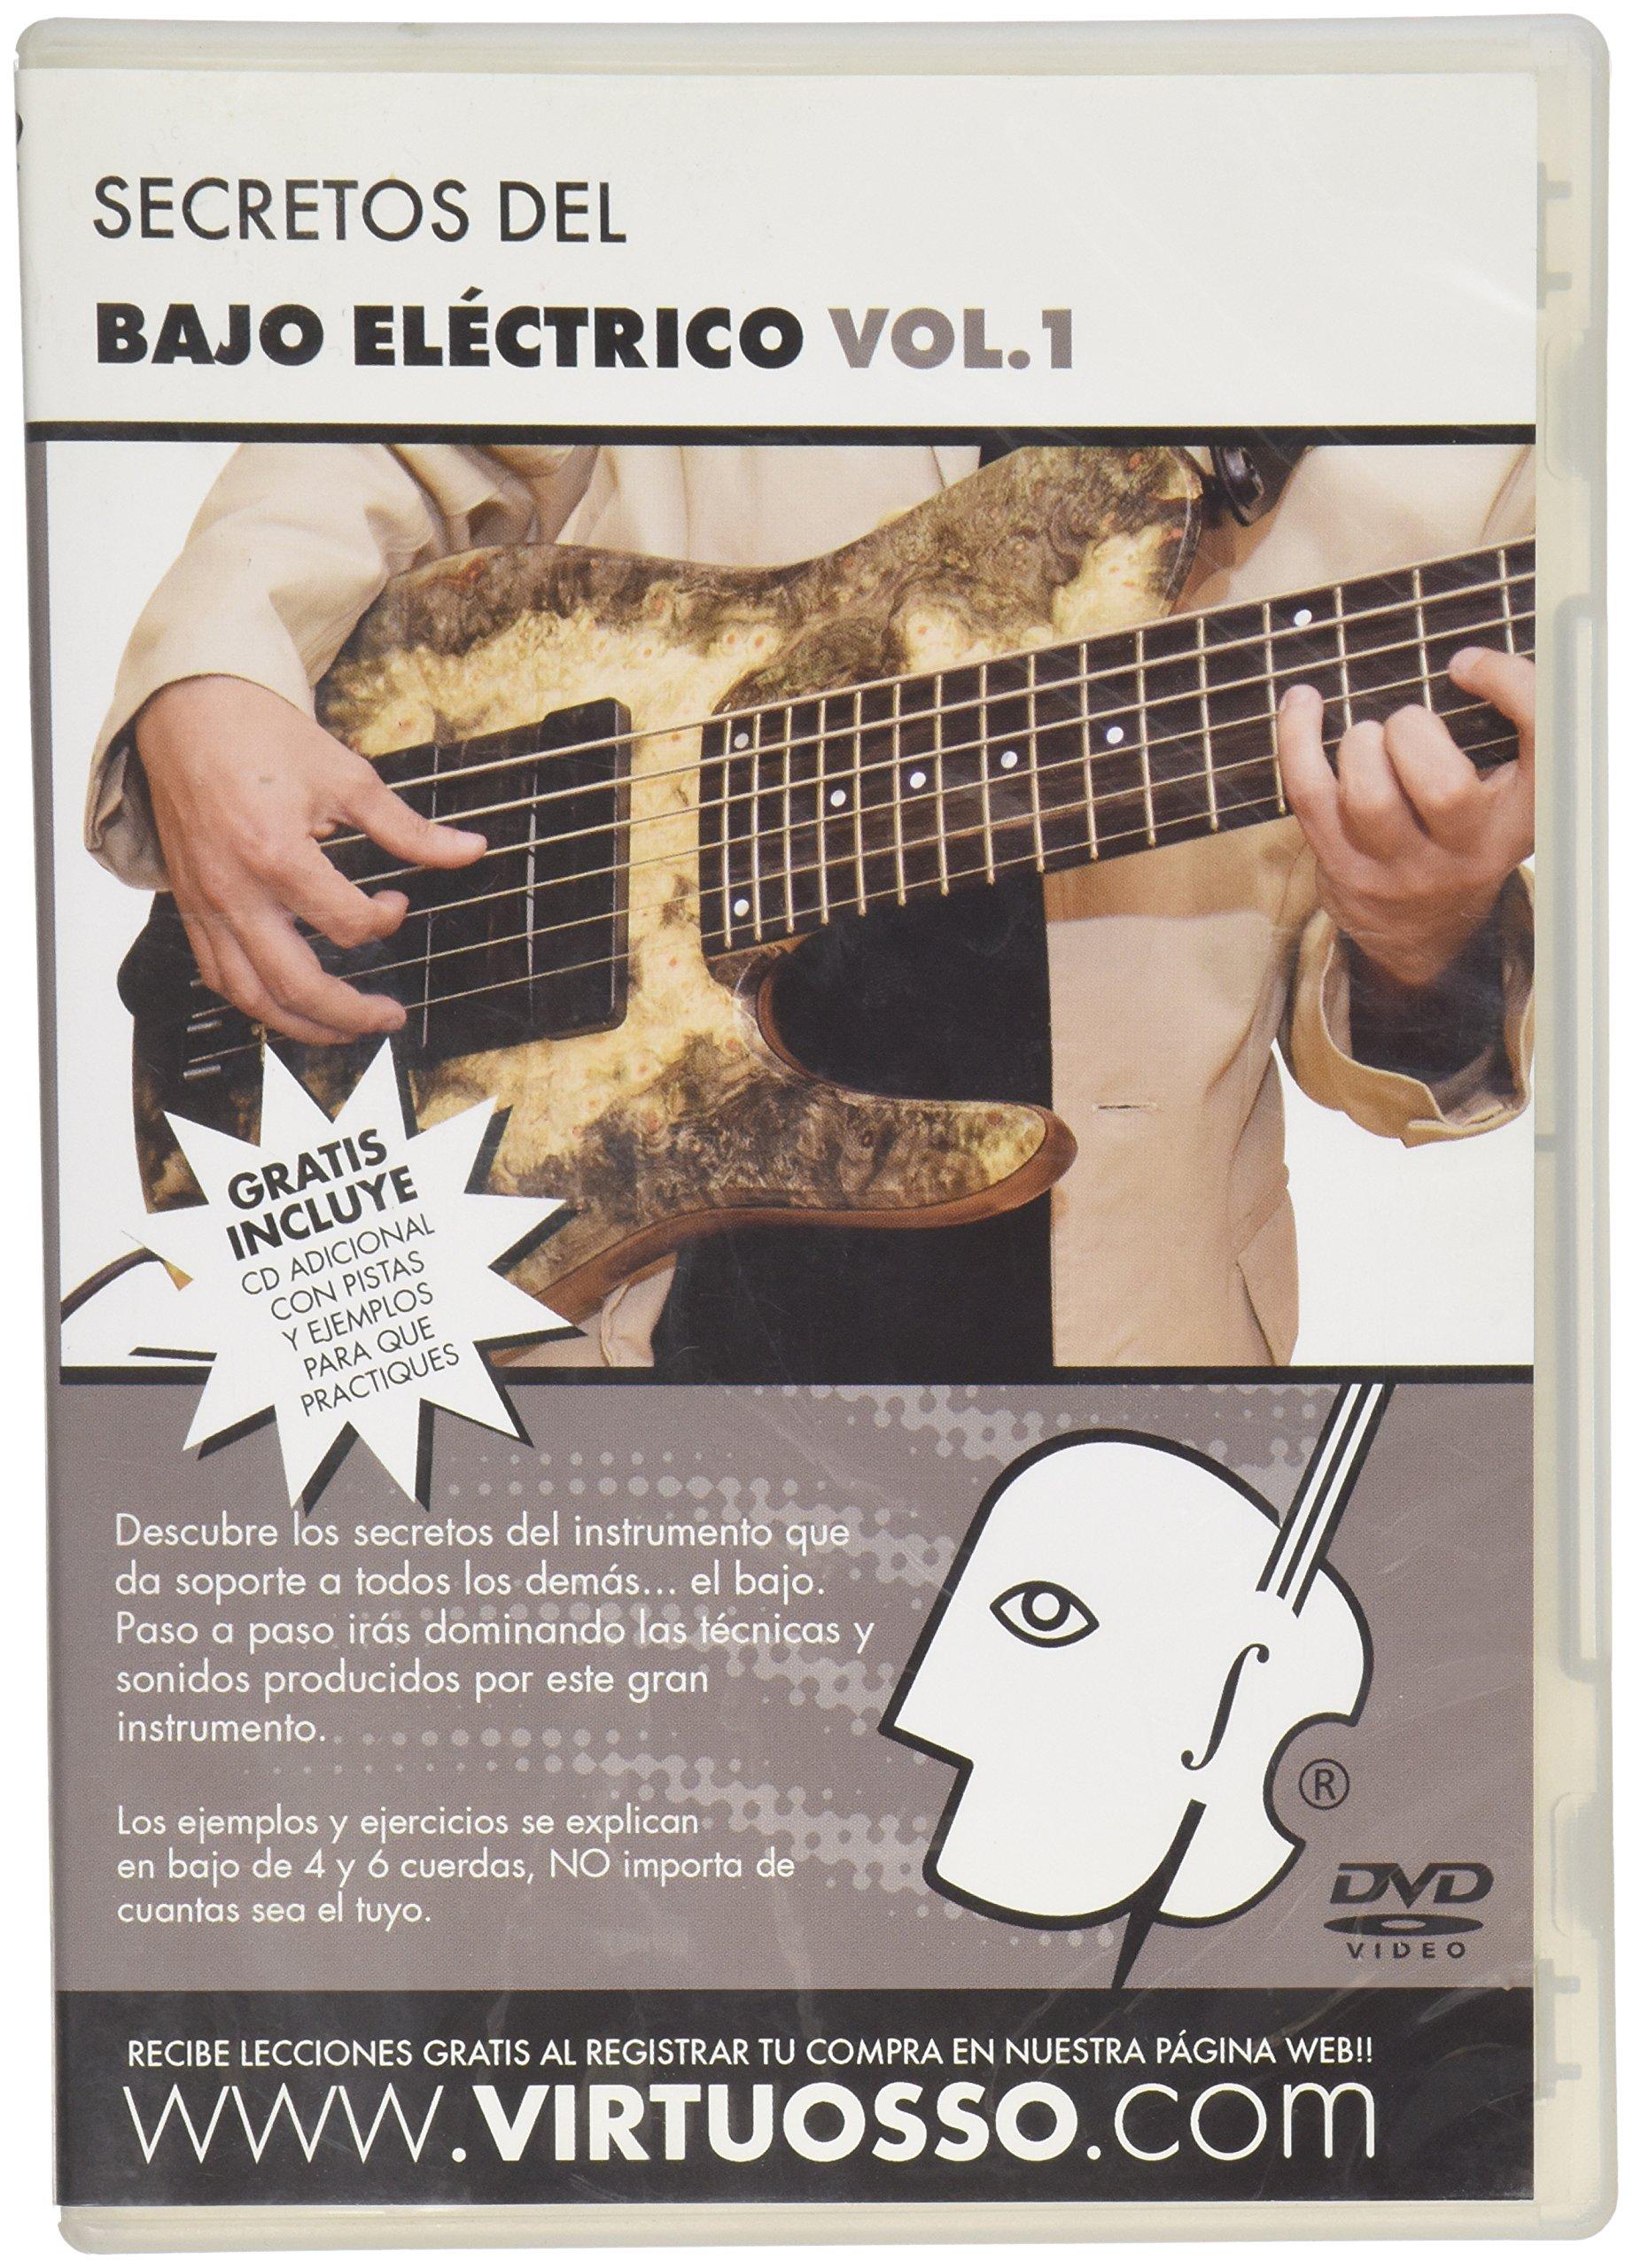 Virtuosso Electric Bass Method Vol.1 (Curso De Bajo Eléctrico Vol.1) SPANISH ONLY